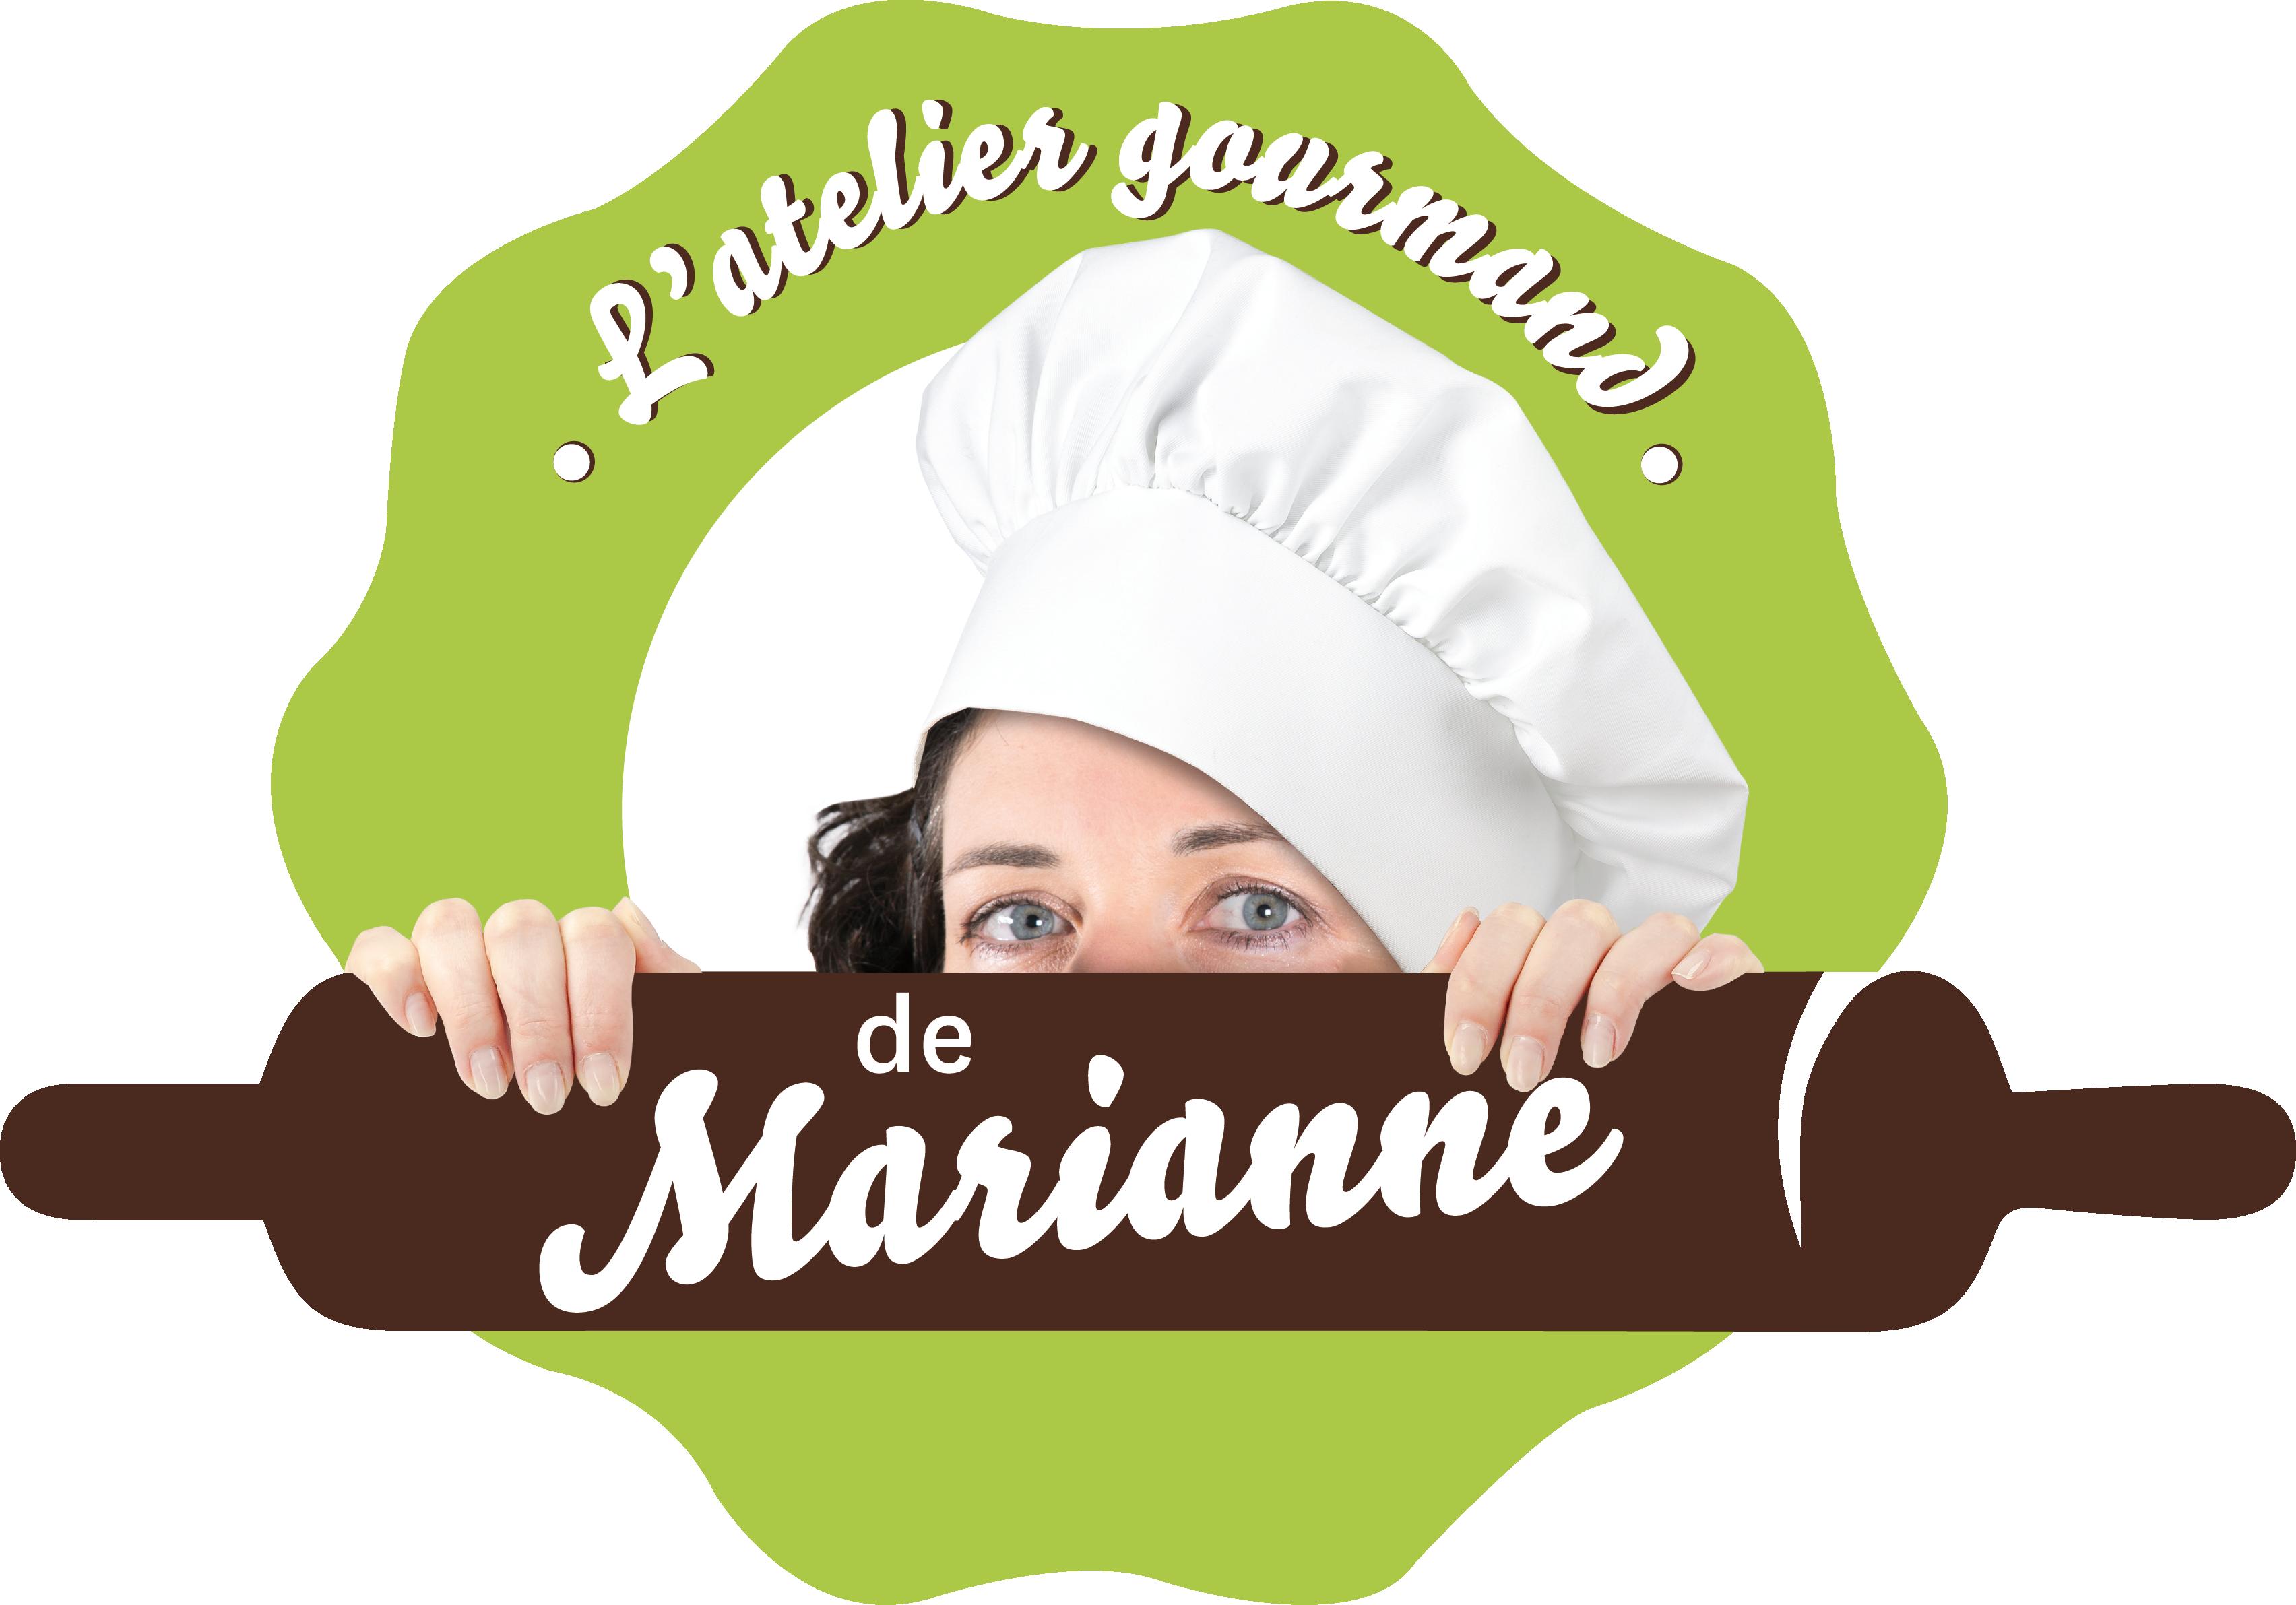 L'atelier gourmand de Marianne